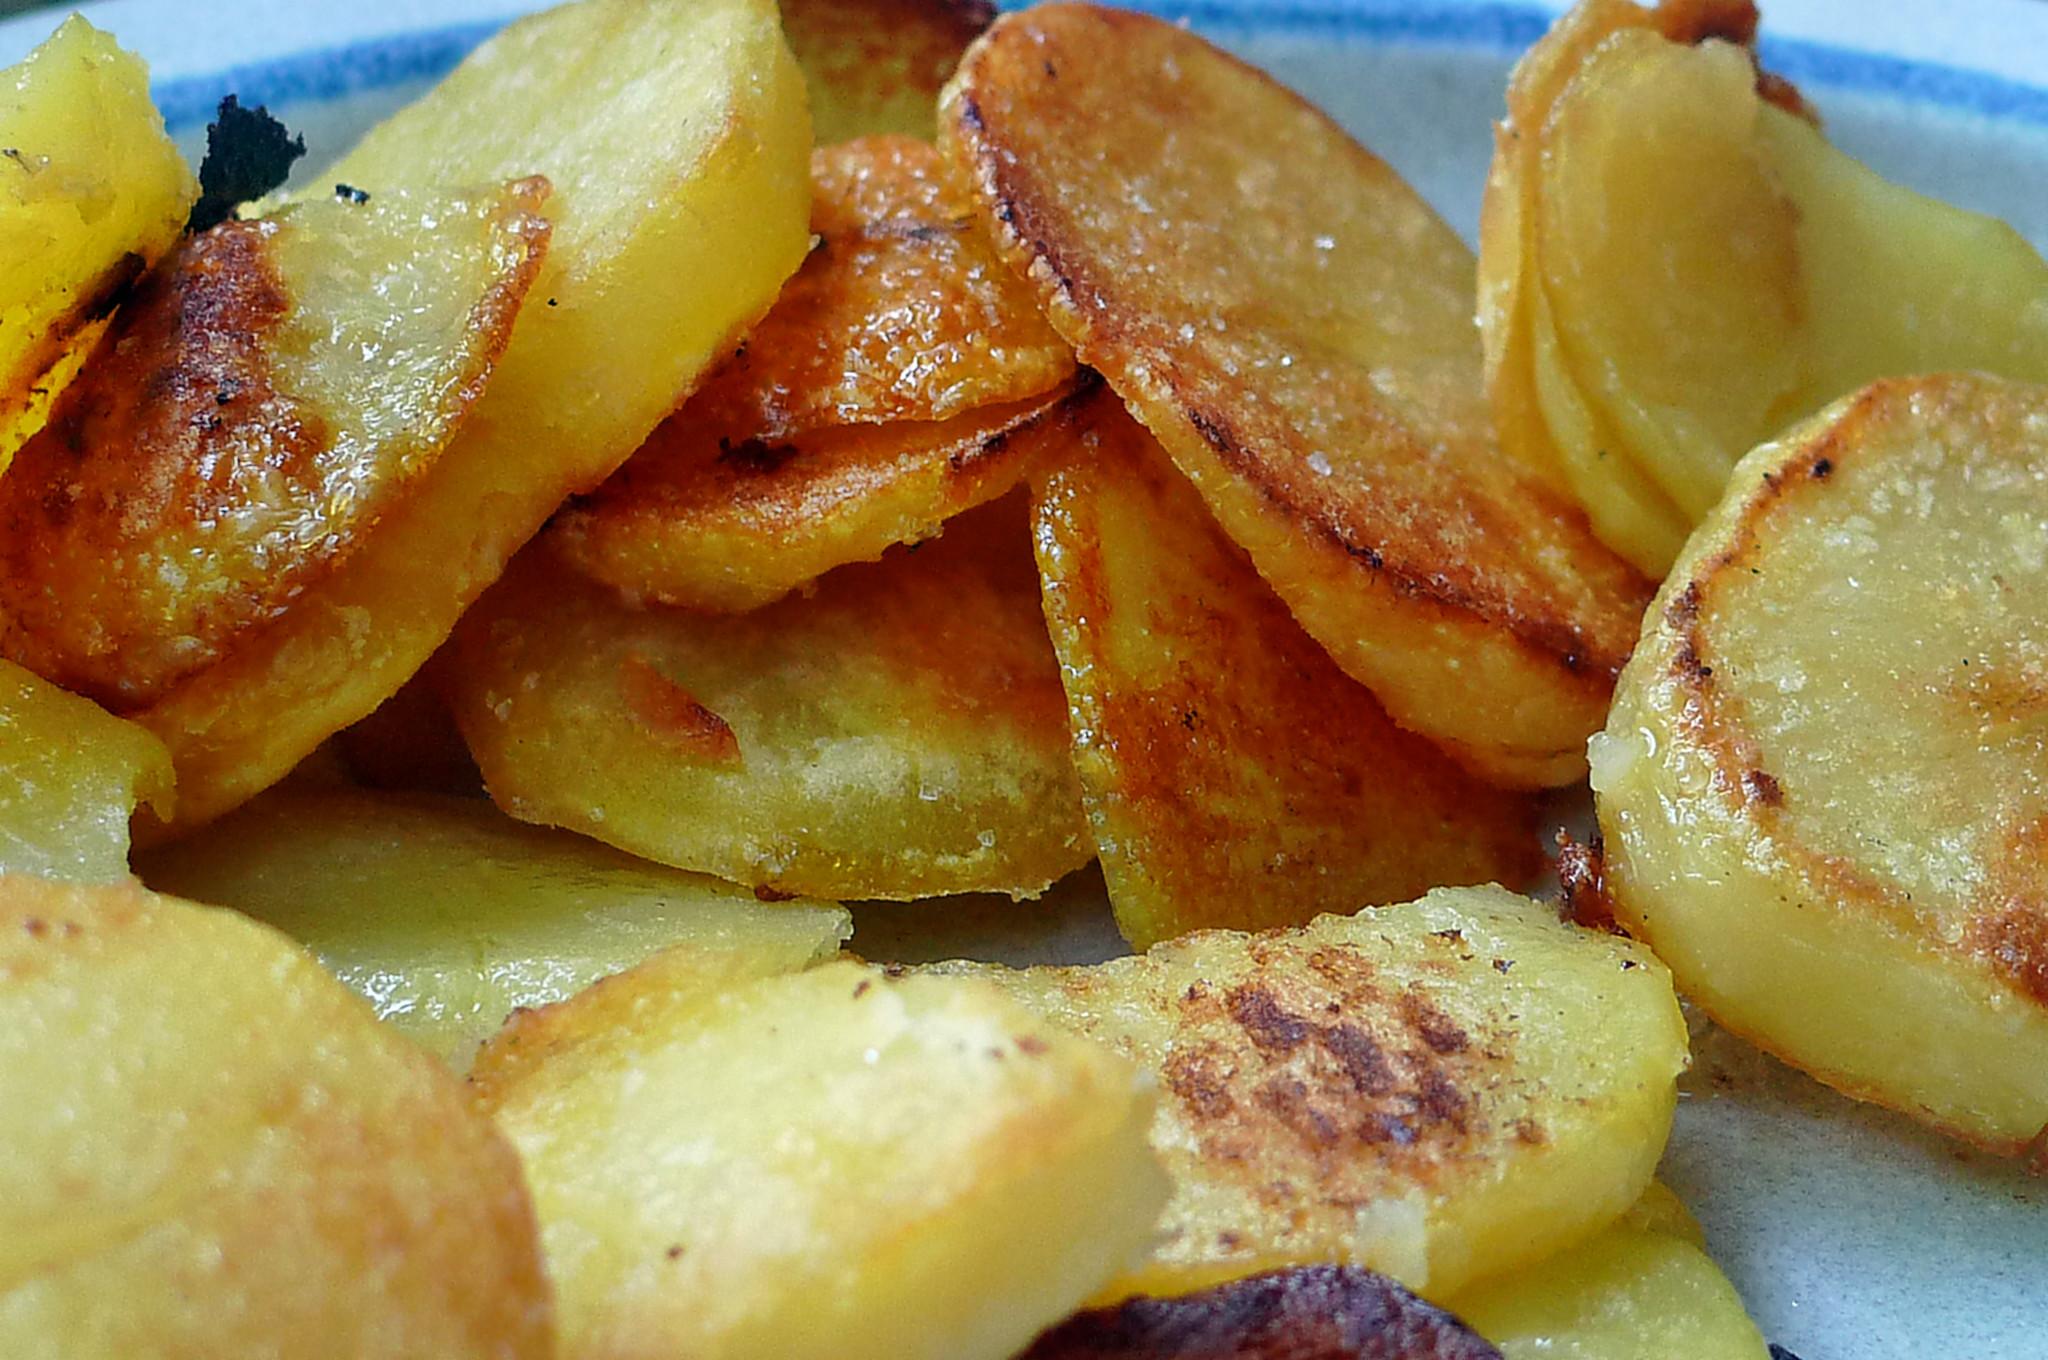 Bratkartoffel-Dosenfisch-28.7.14   (2)